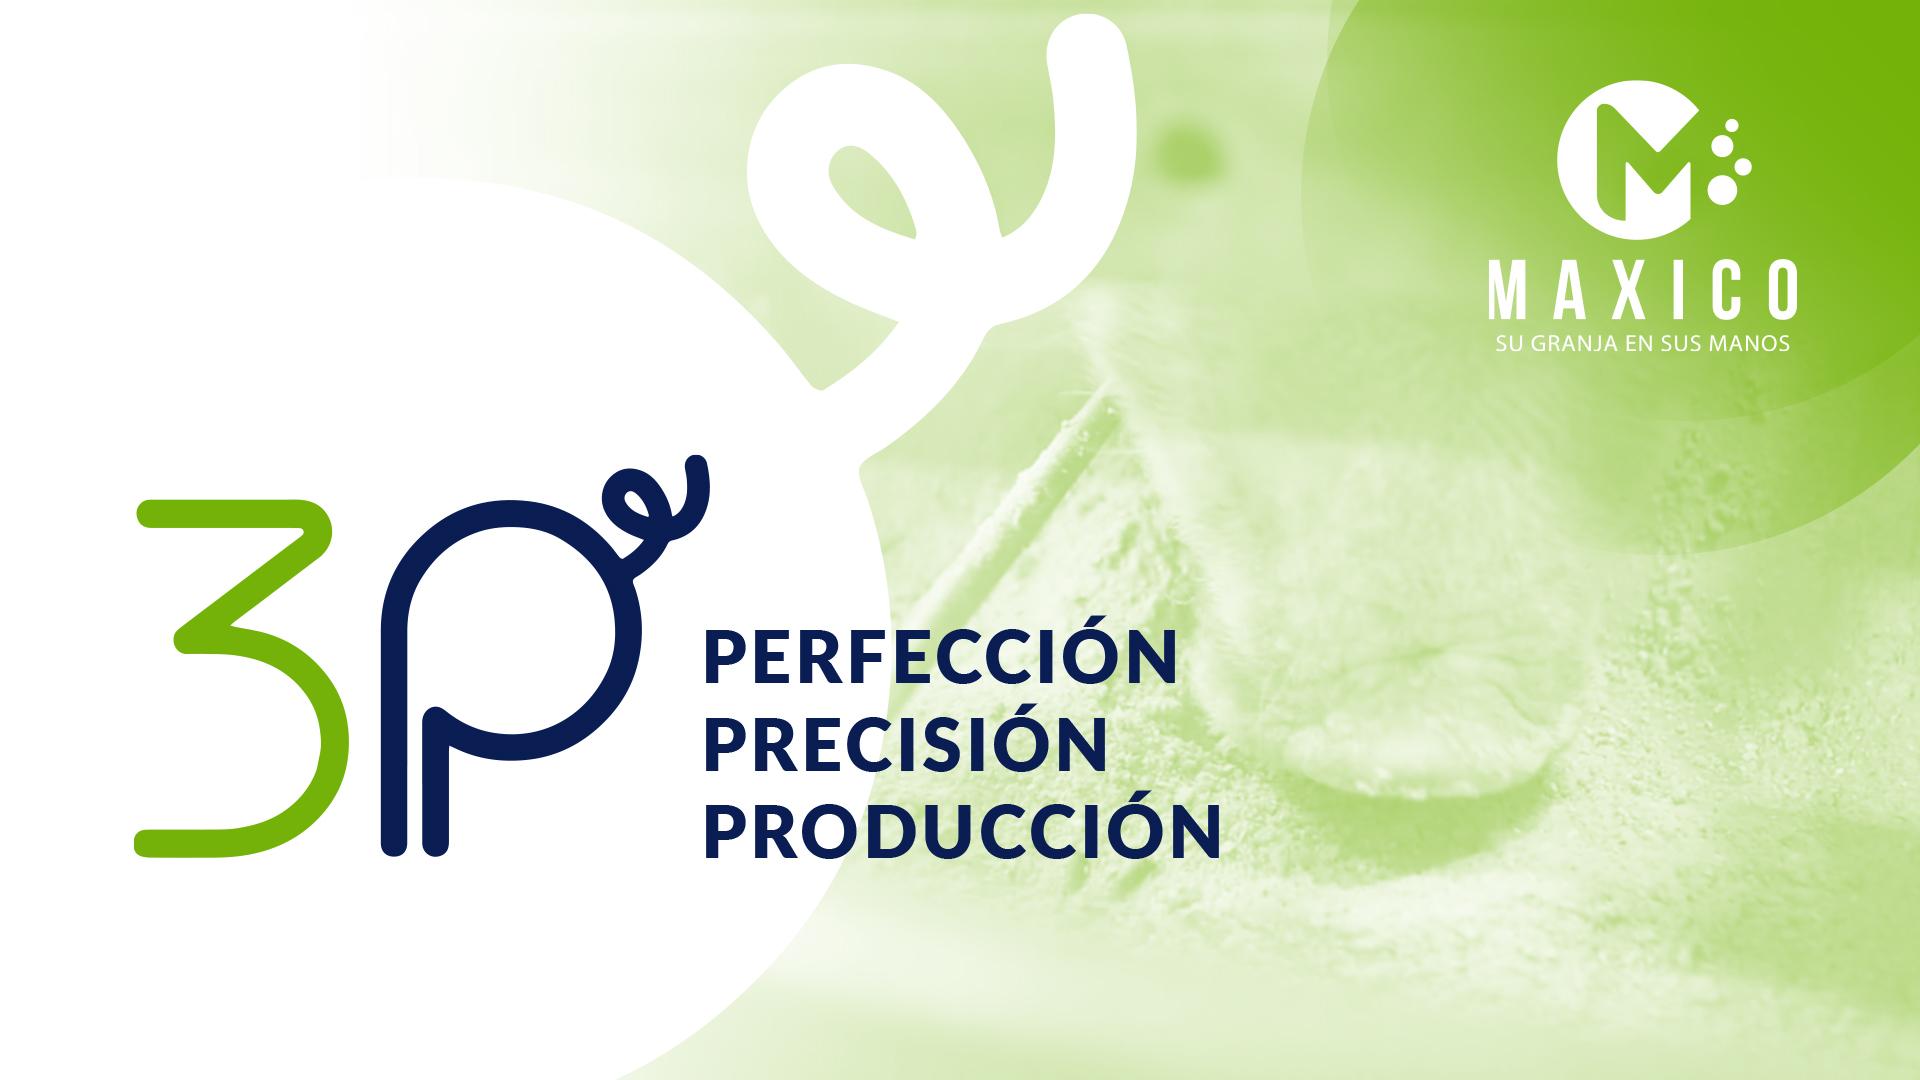 Maxico AG: Dosificador 3P Inteligente